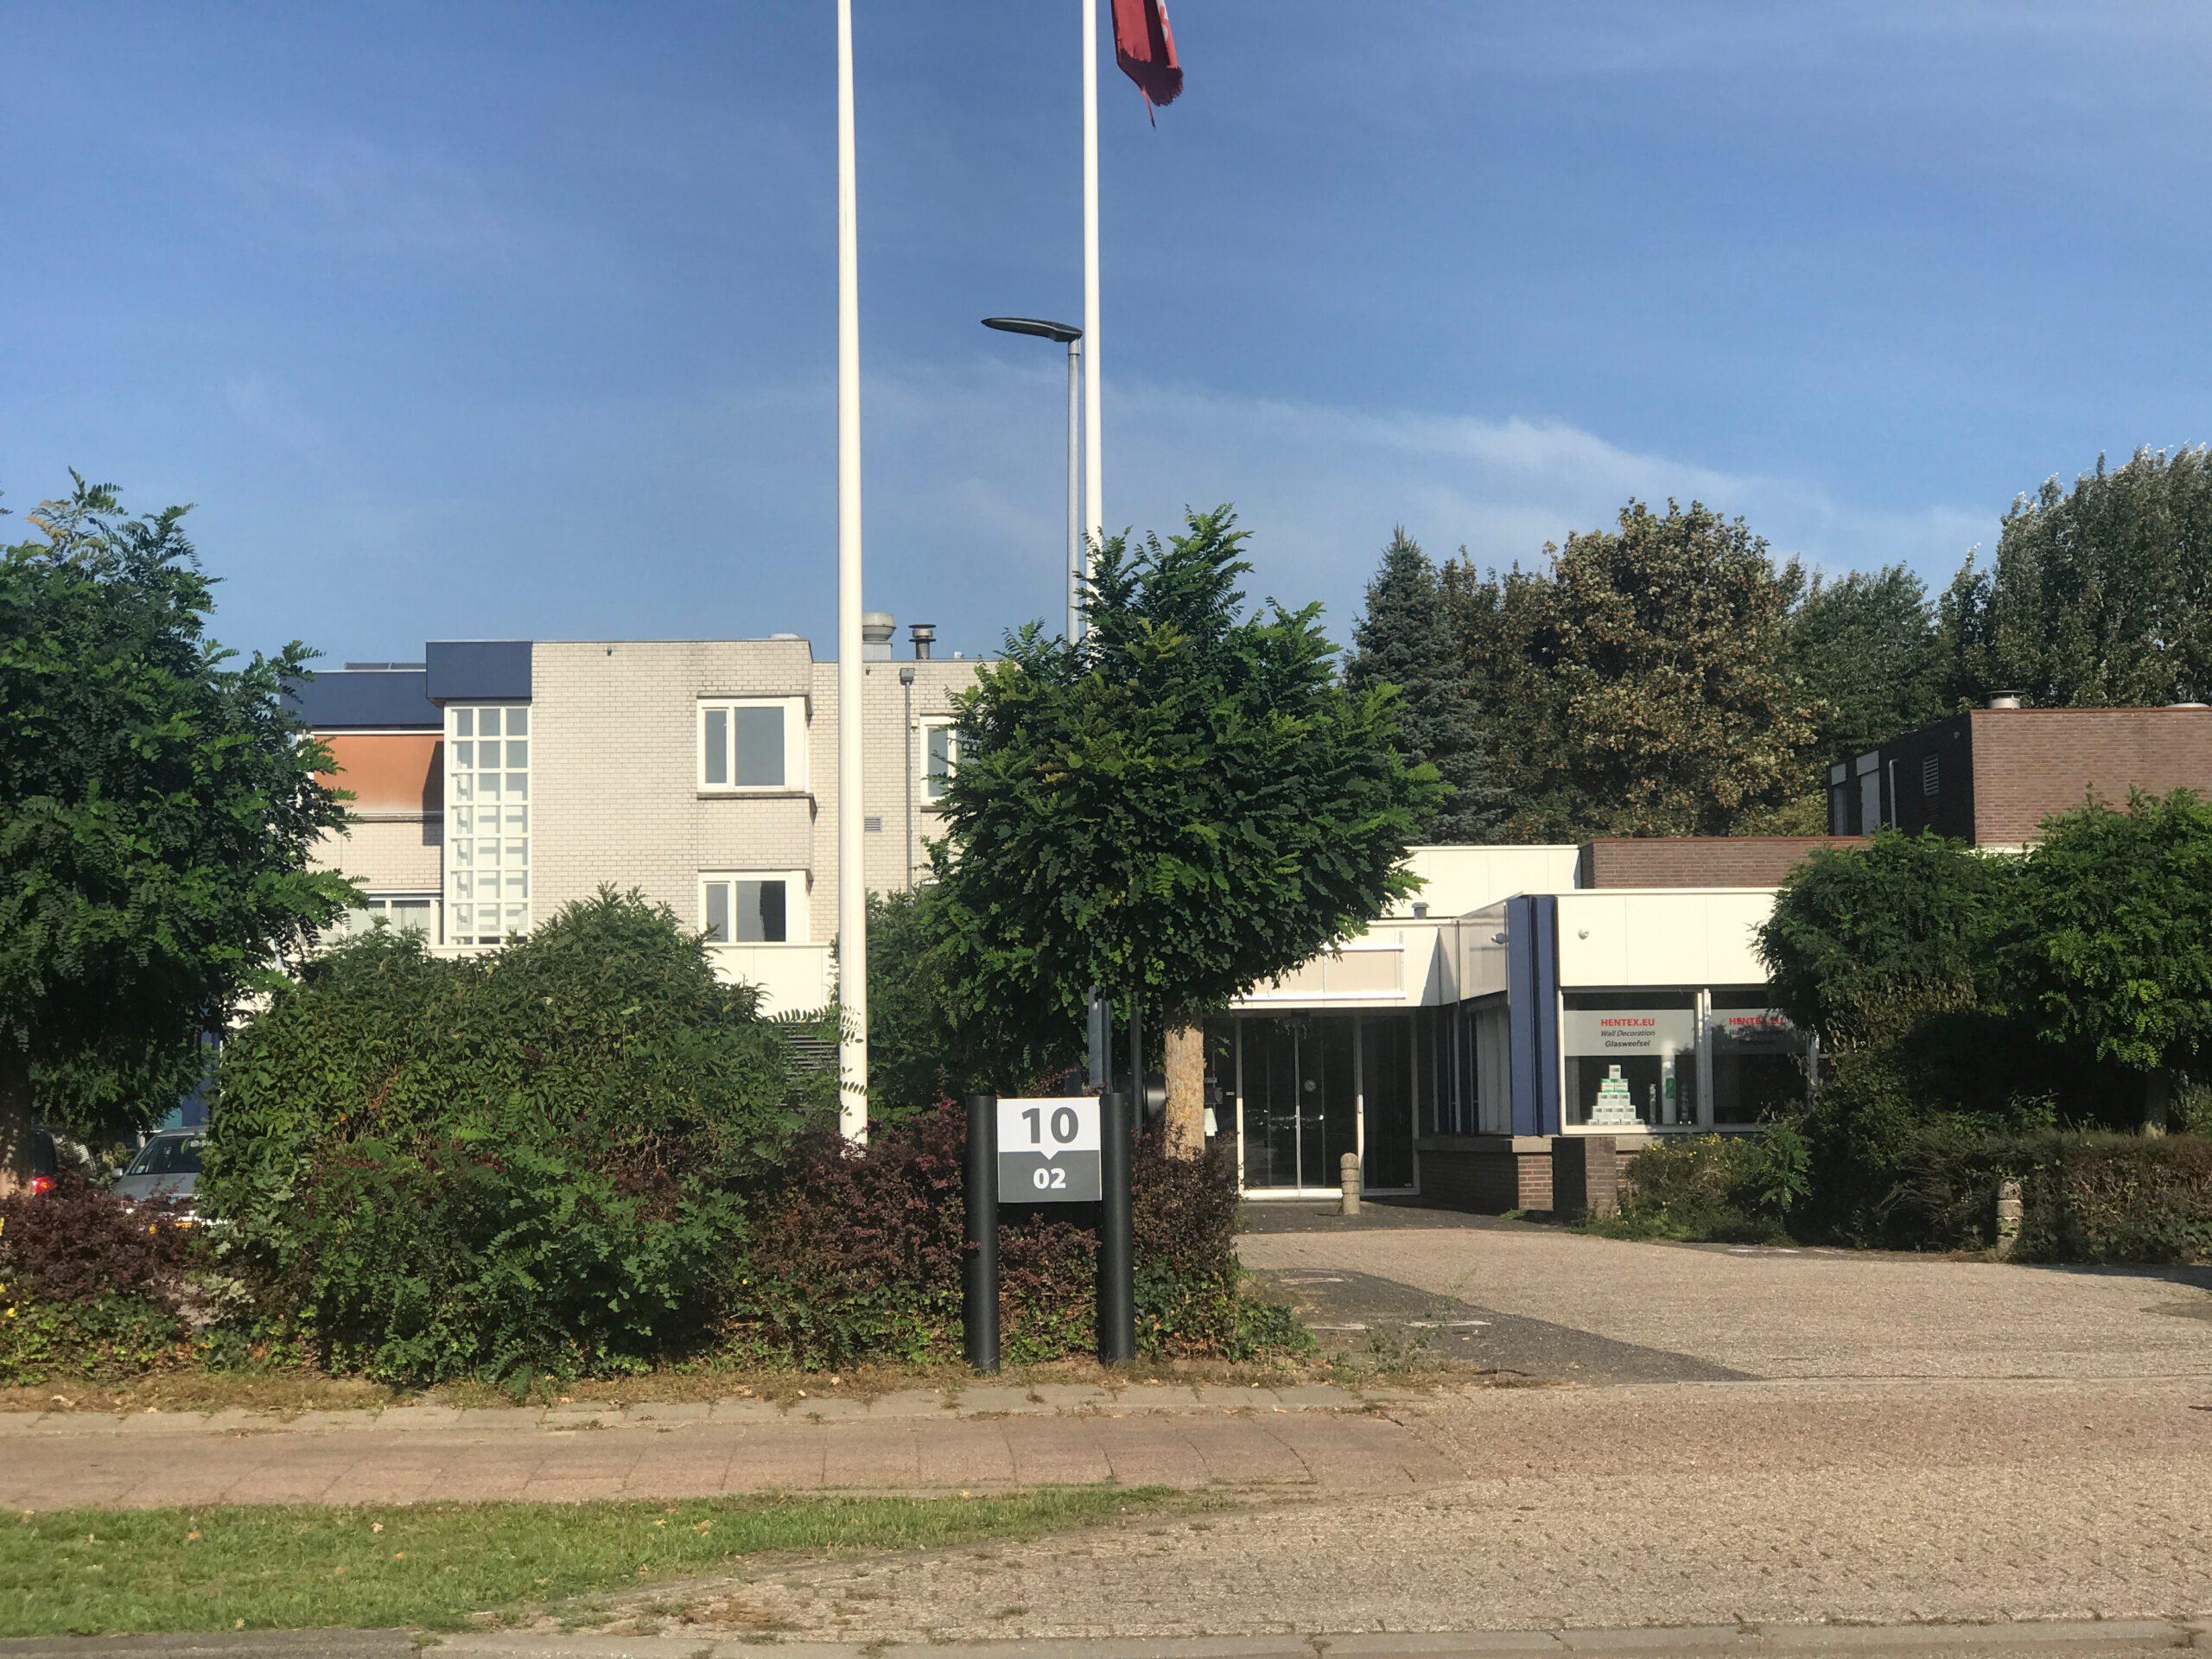 Kerkenbos 1002, Nijmegen